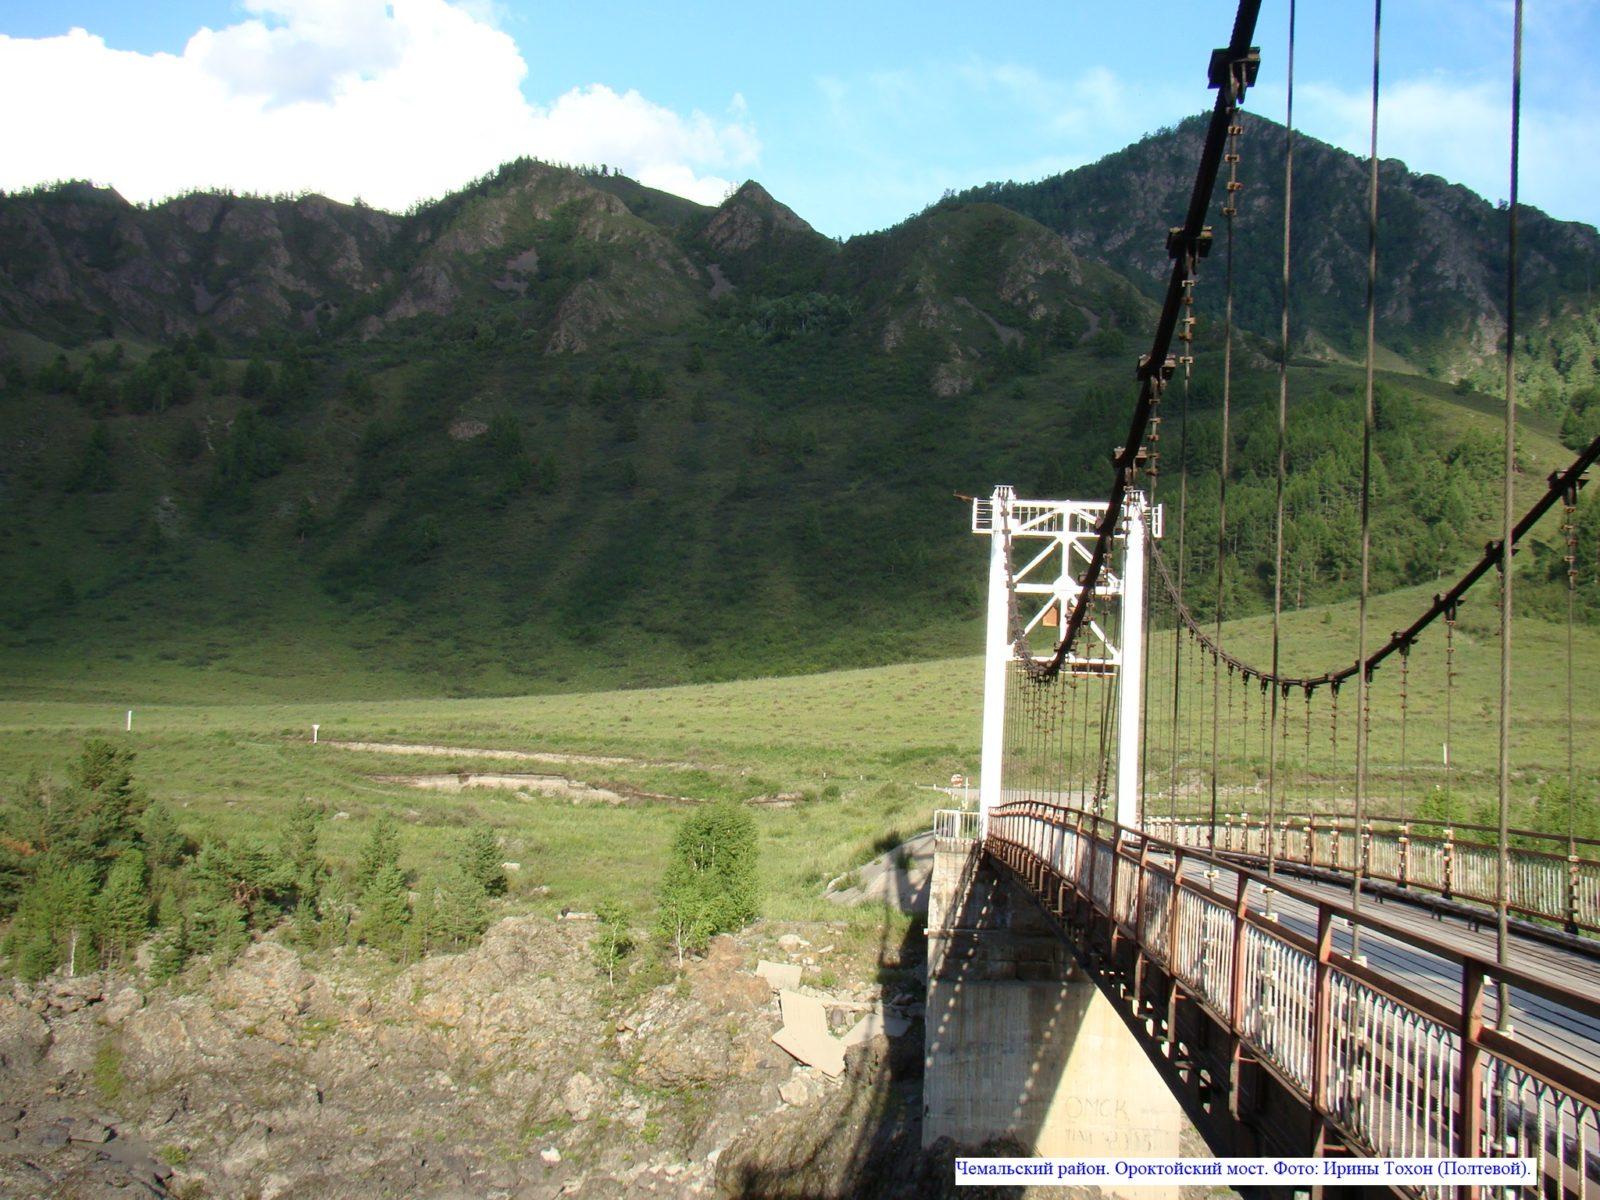 Чемальский район. Ороктойский мост.